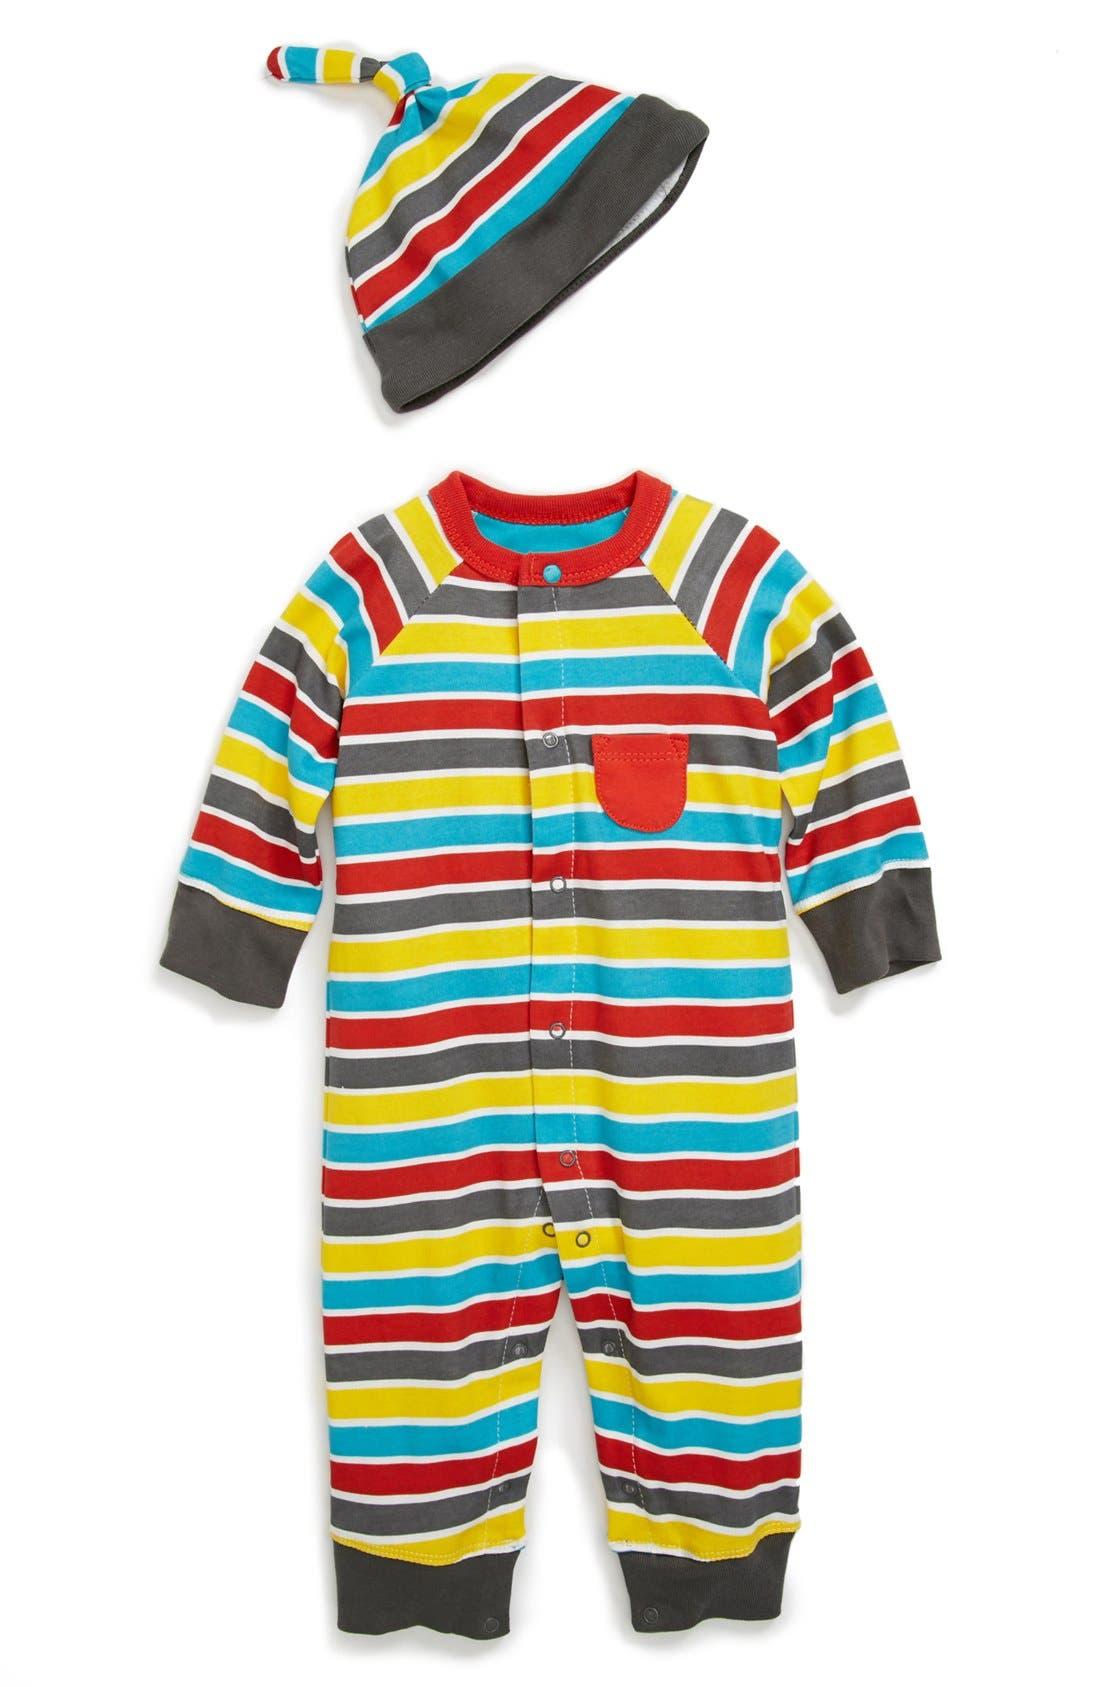 Alternate Image 1 Selected - Offspring 'Motorway' Romper (Baby Boys)